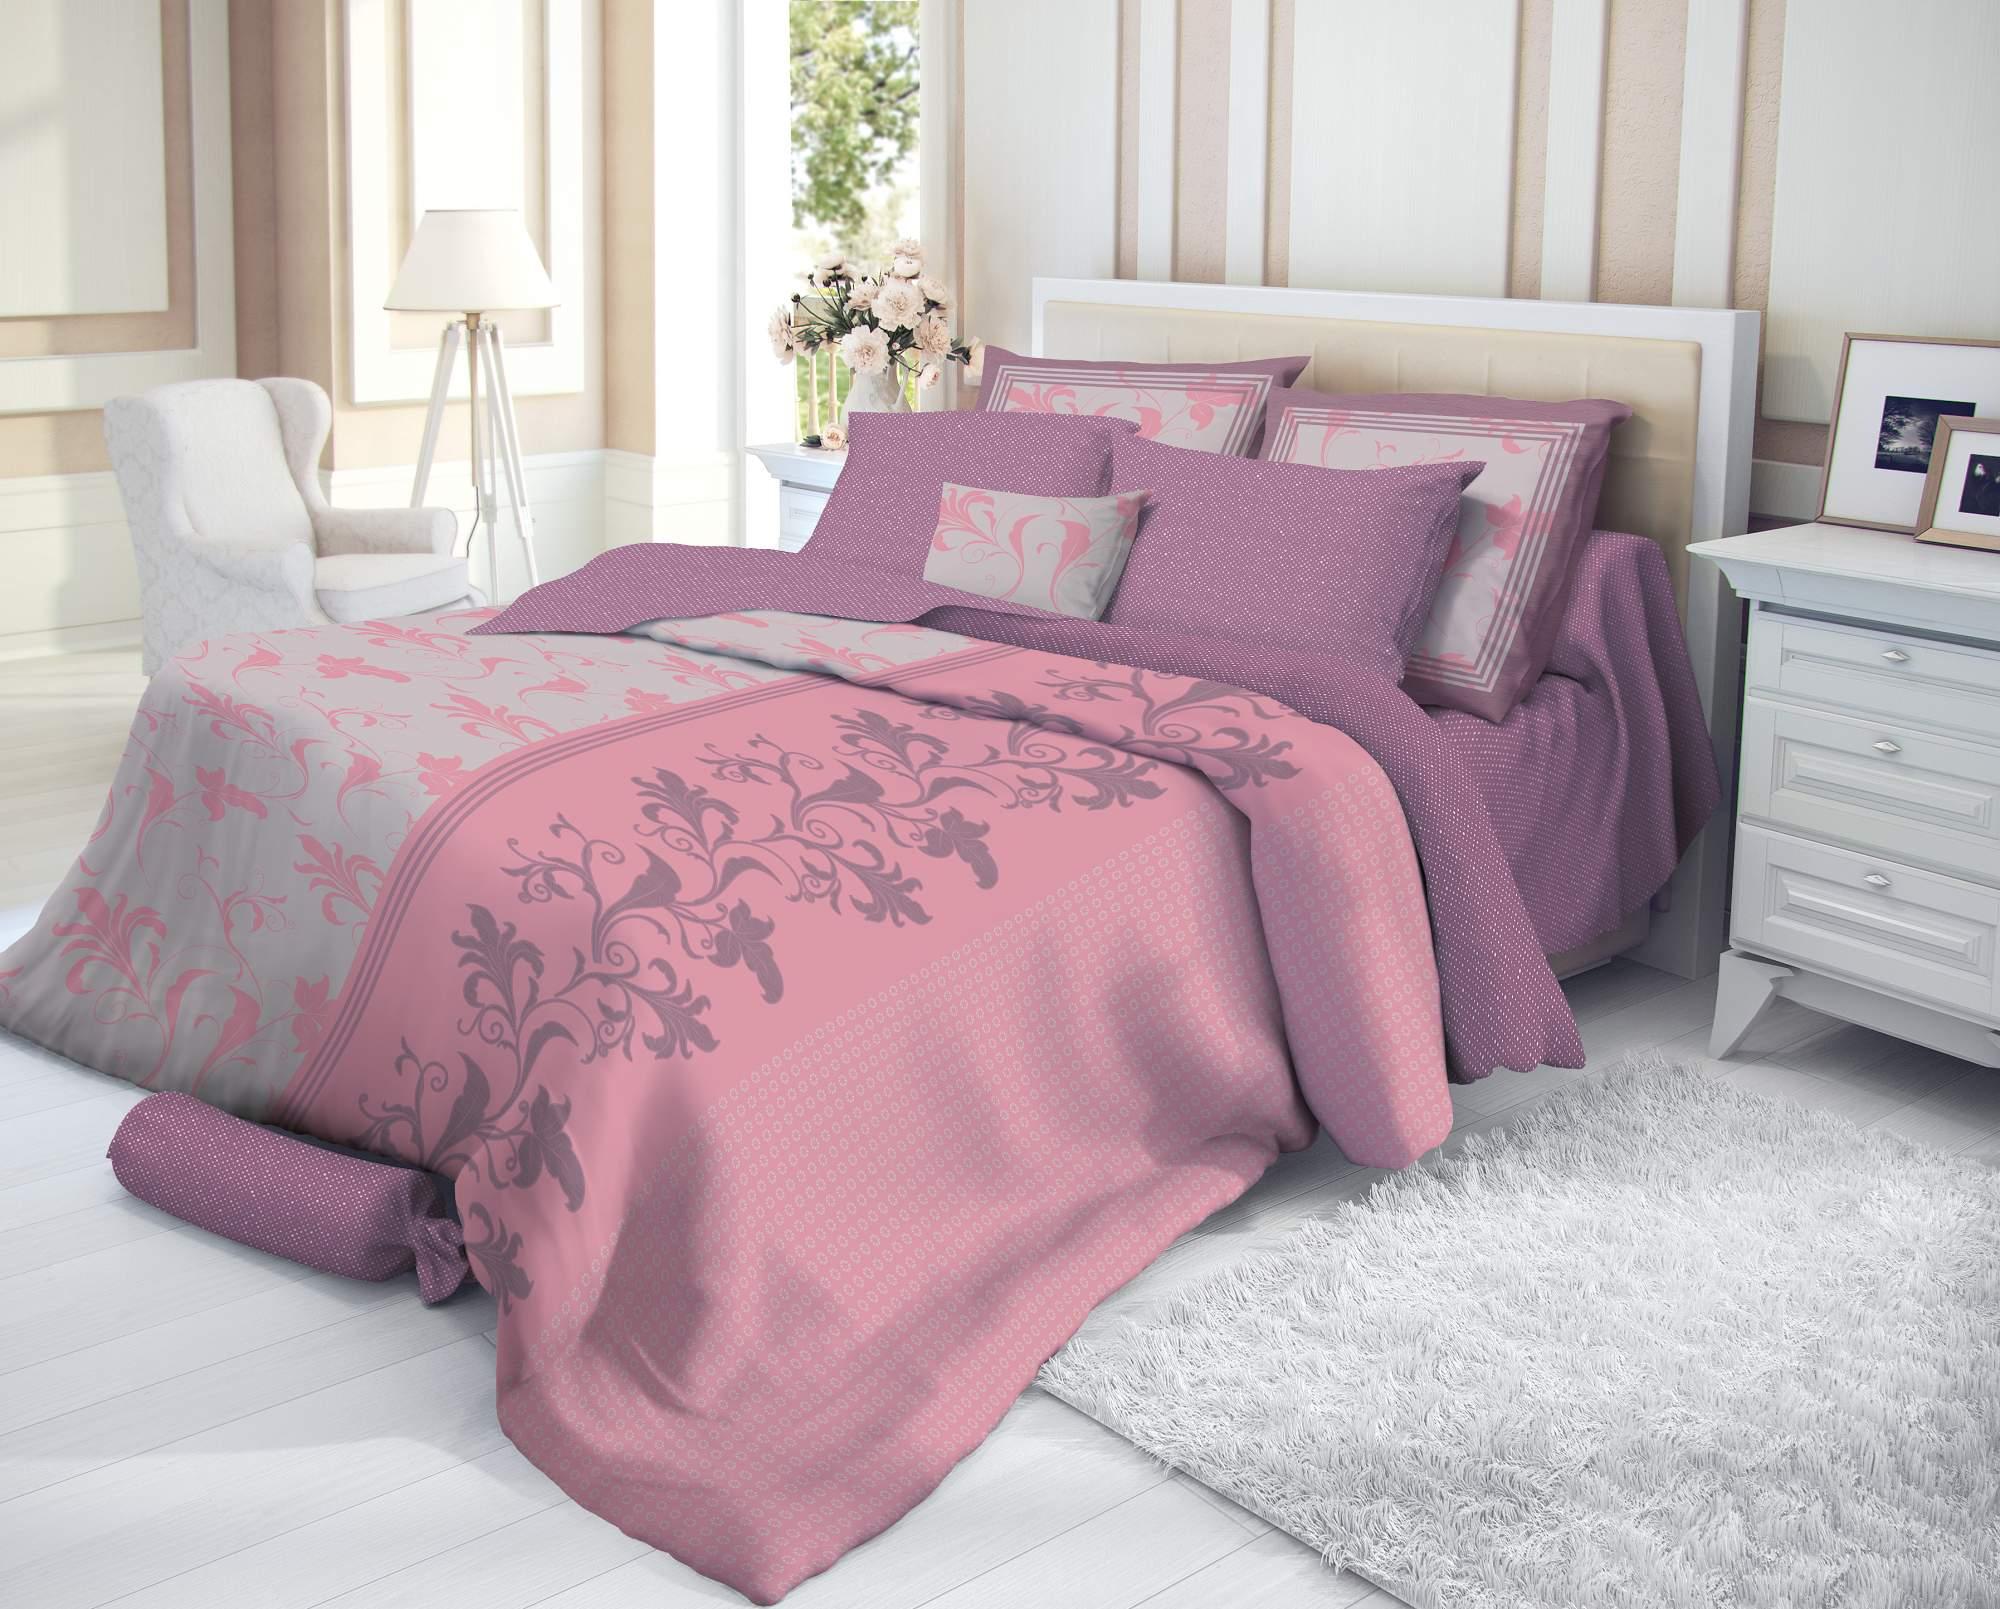 Кровать с постельным бельем